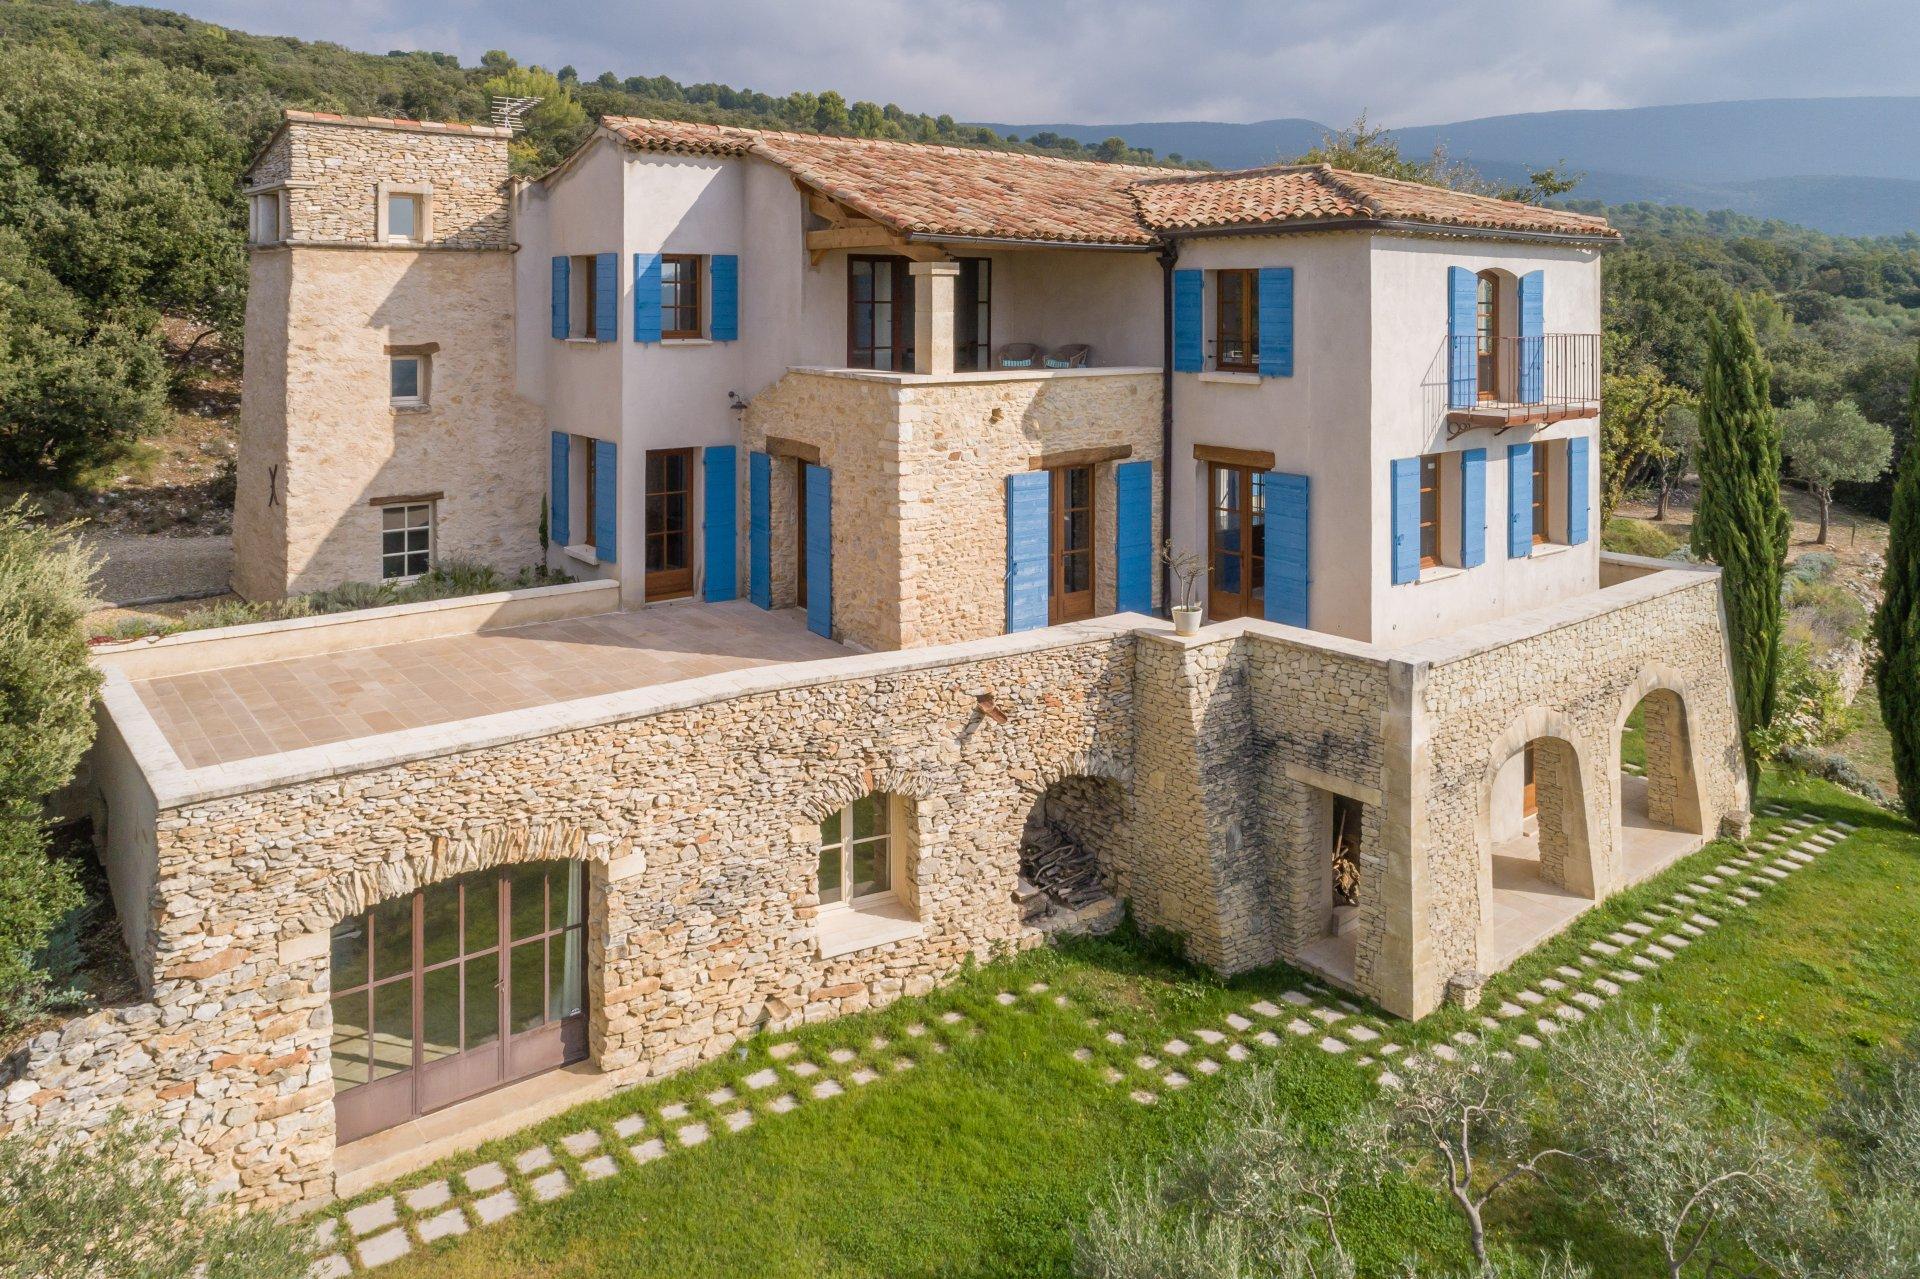 Villas for Sale - PL0052